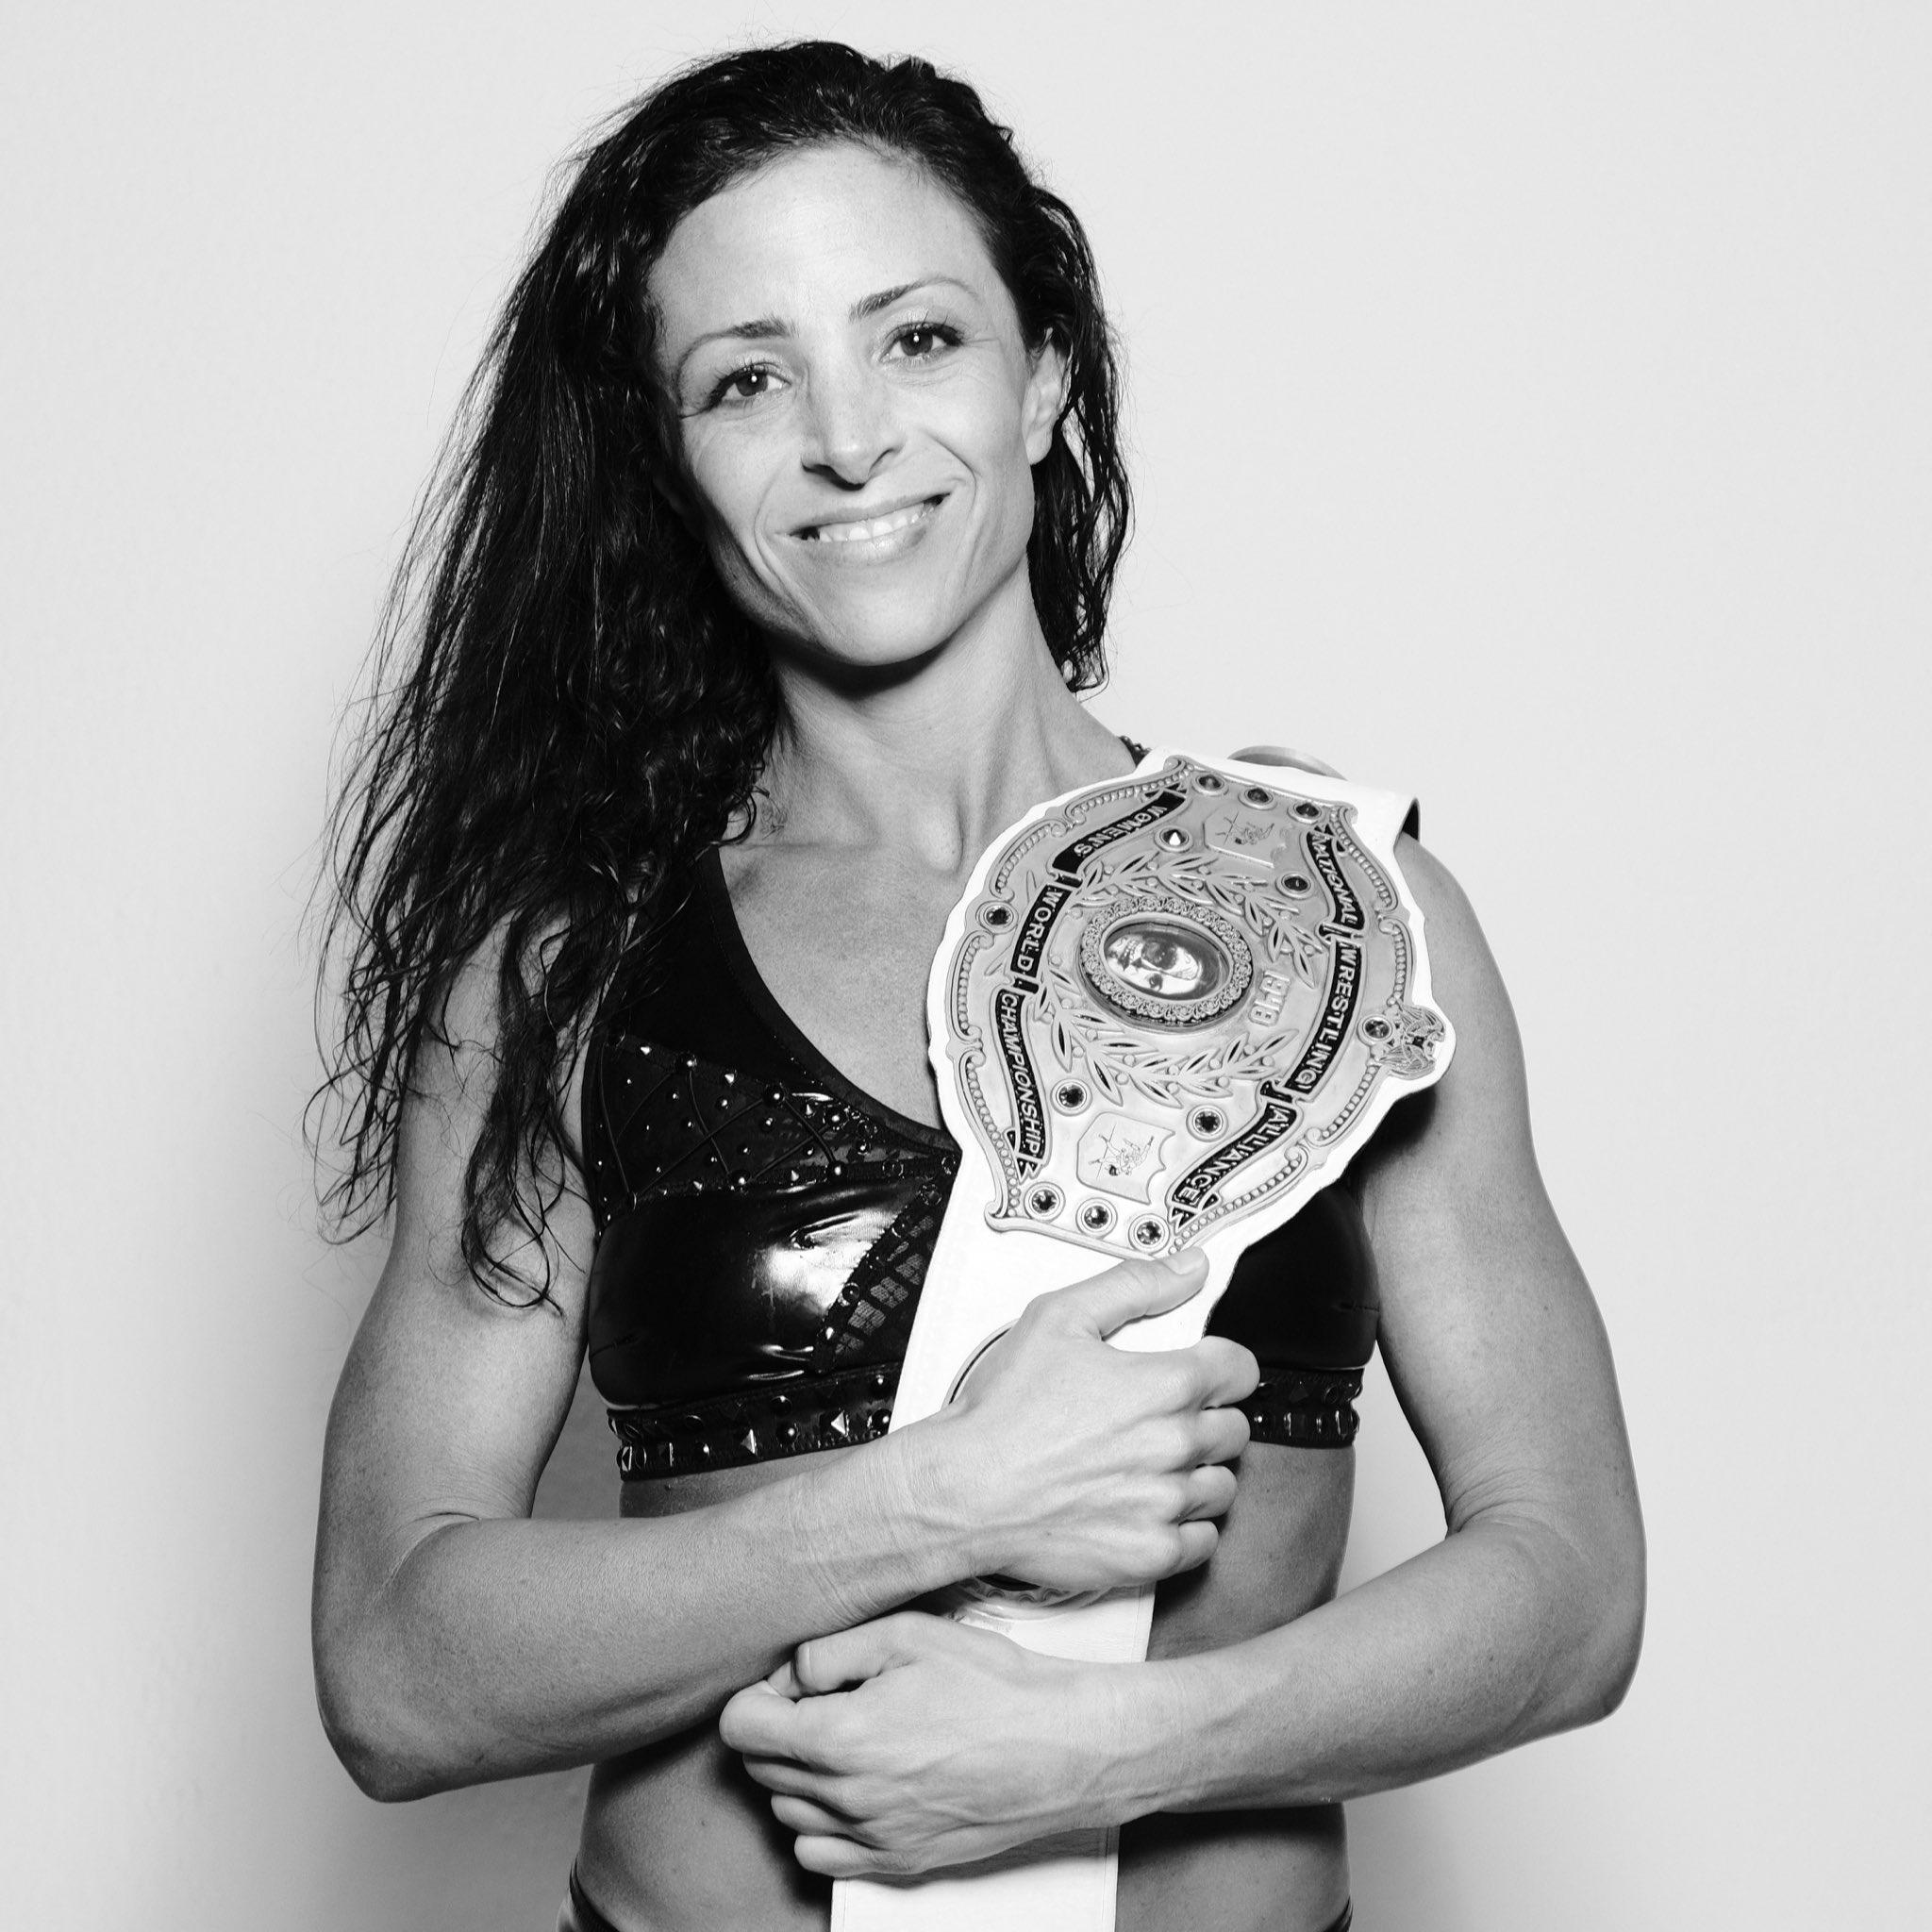 Serena Deeb como nueva campeona de NWA.